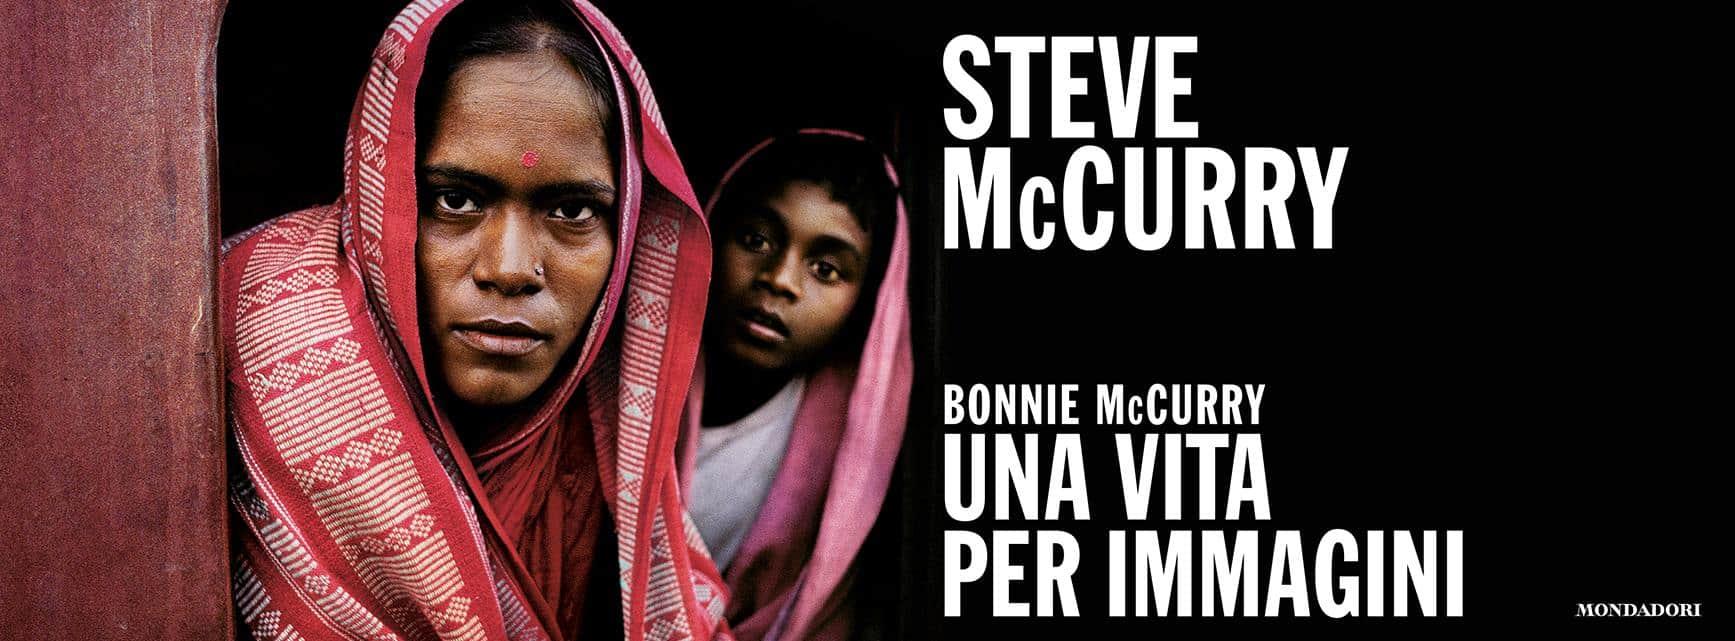 Steve McCurry Milano una vita per immagini